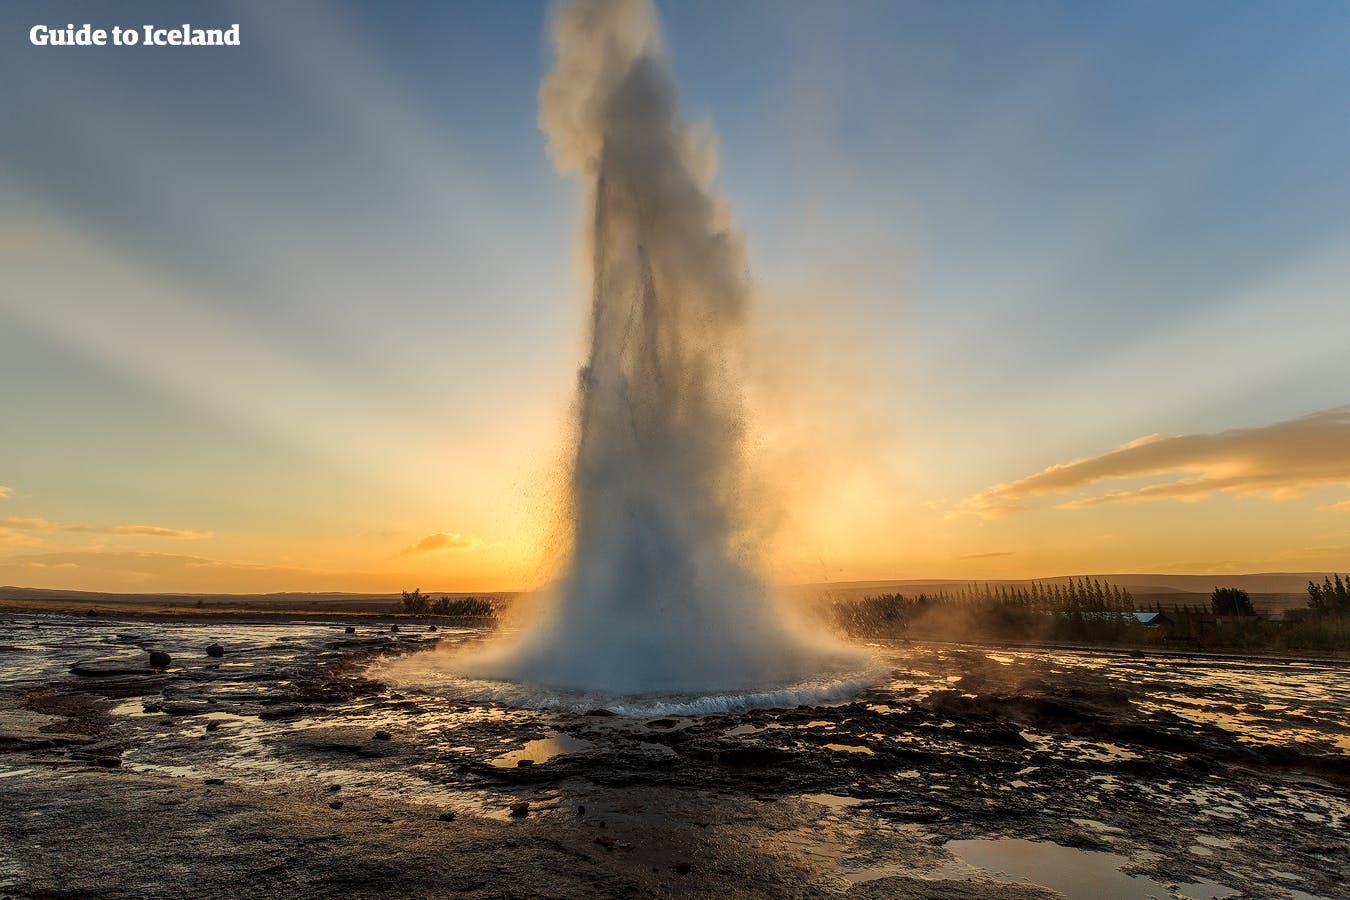 10 dni, pakiet | Wycieczka objazdowa dookoła Islandii i Reykjavik - day 2